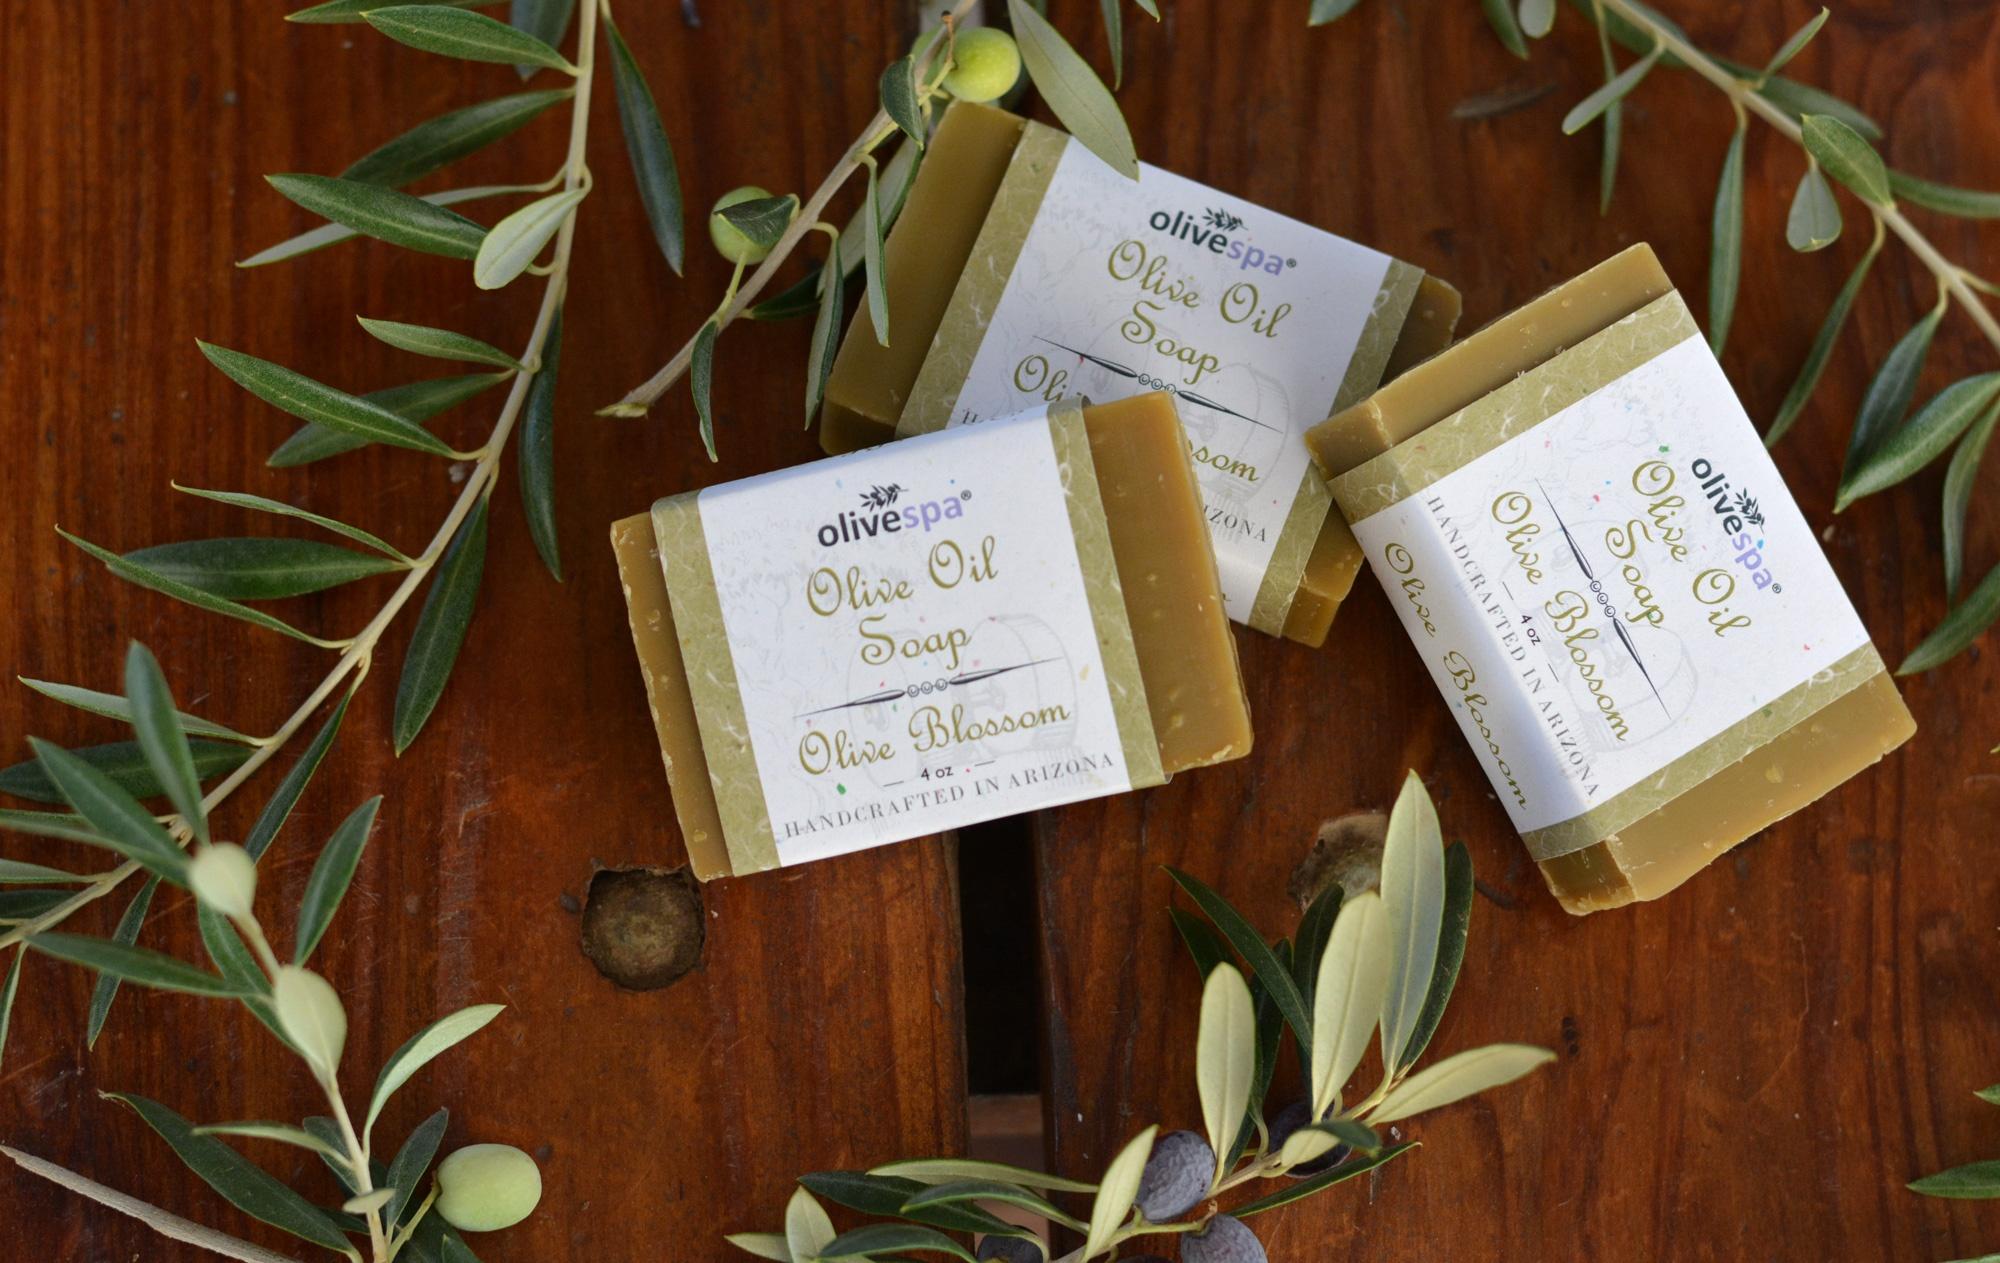 olive-oil-soap-1.jpg